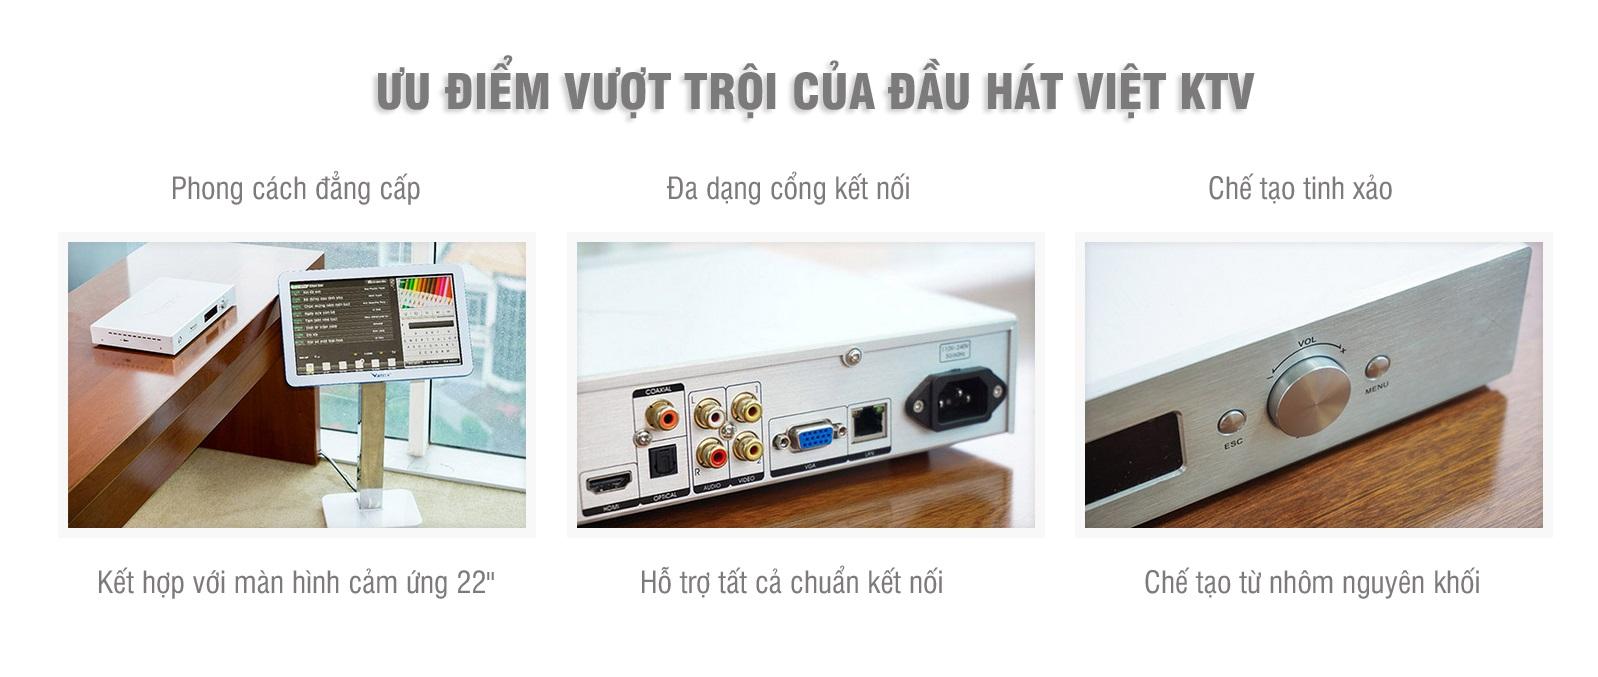 ưu điểm vượt trội của đầu hát Việt KTV